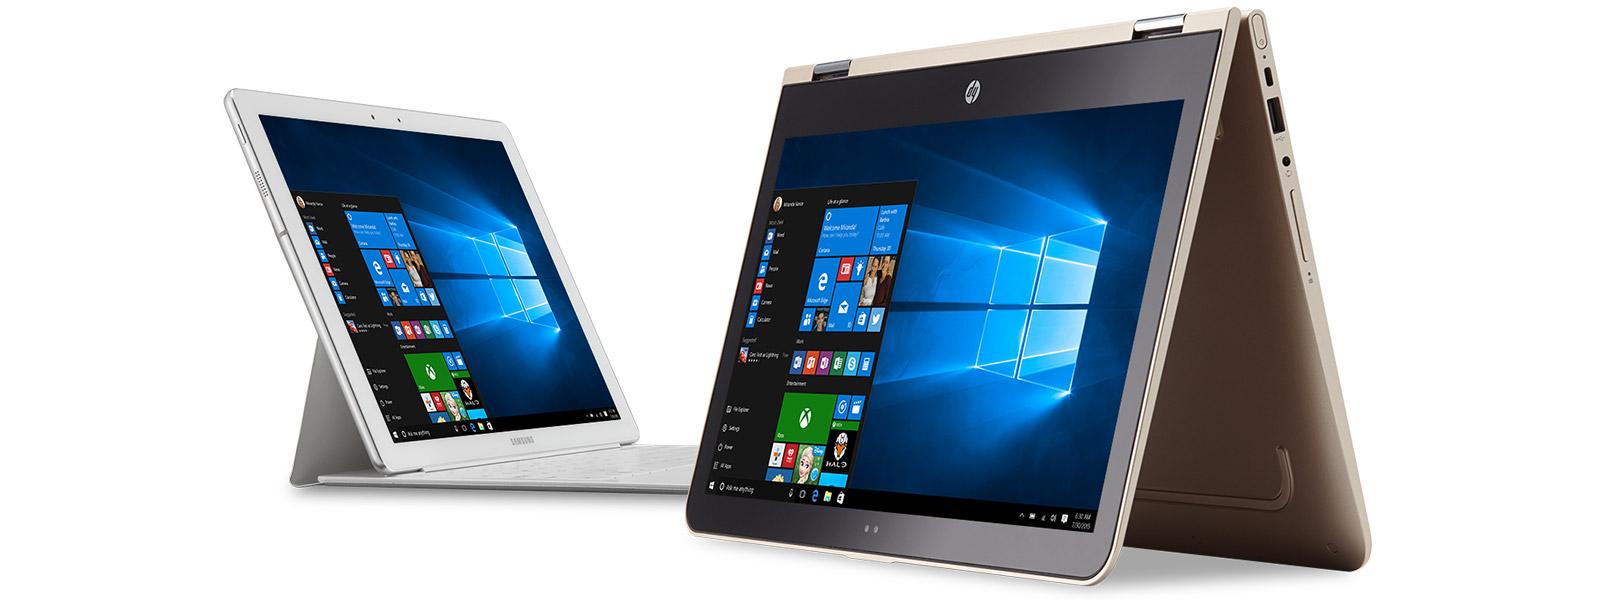 Microsofti seadmed Windowsi menüüga Start